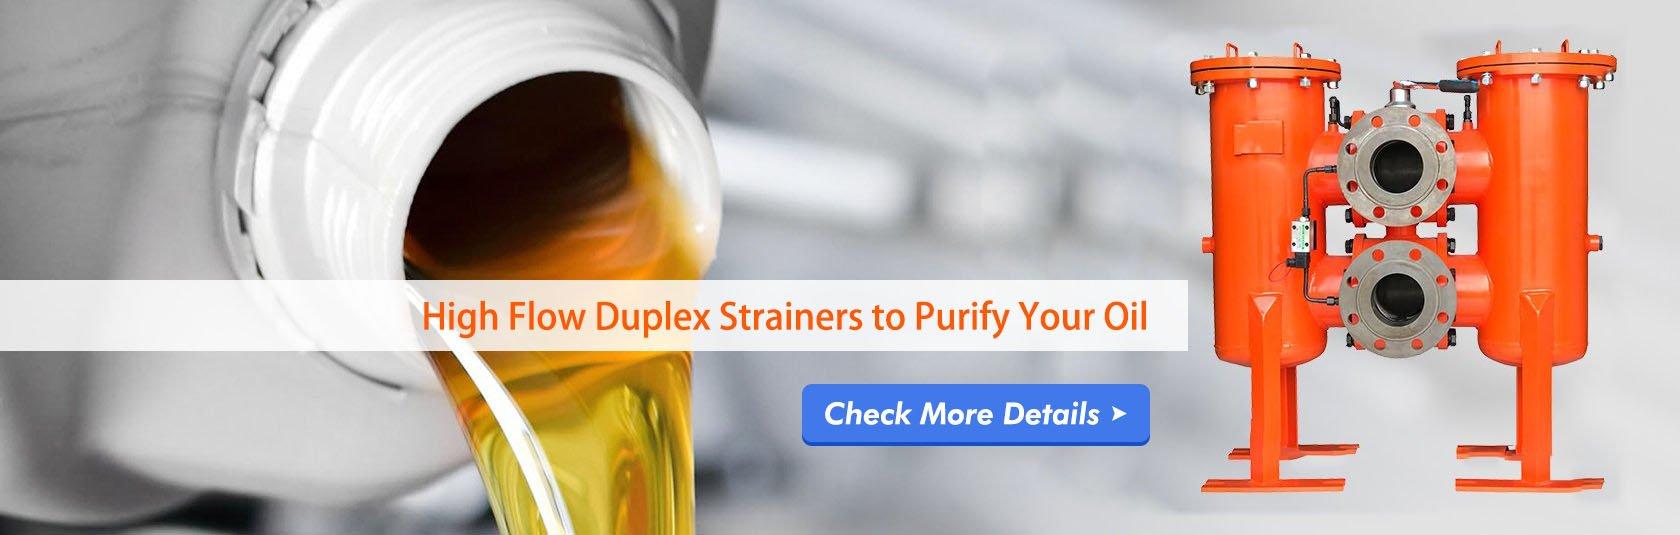 high flow duplex filters housing